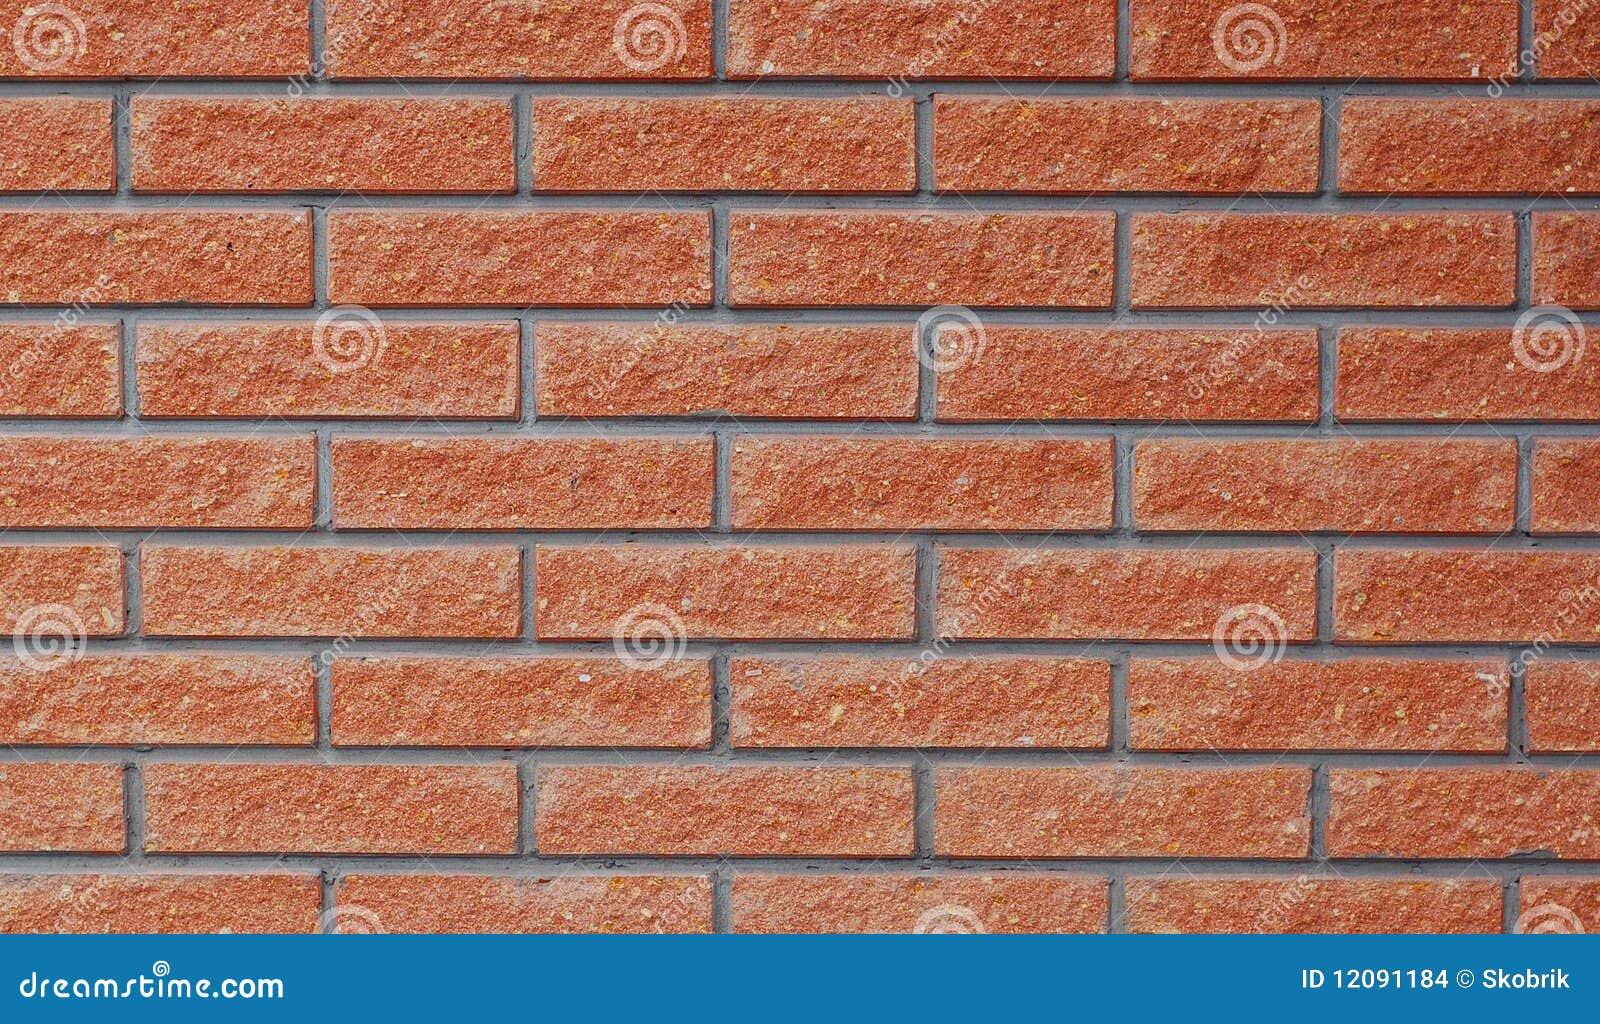 Rode bakstenen muur stock afbeeldingen afbeelding 12091184 - Rode bakstenen lounge ...